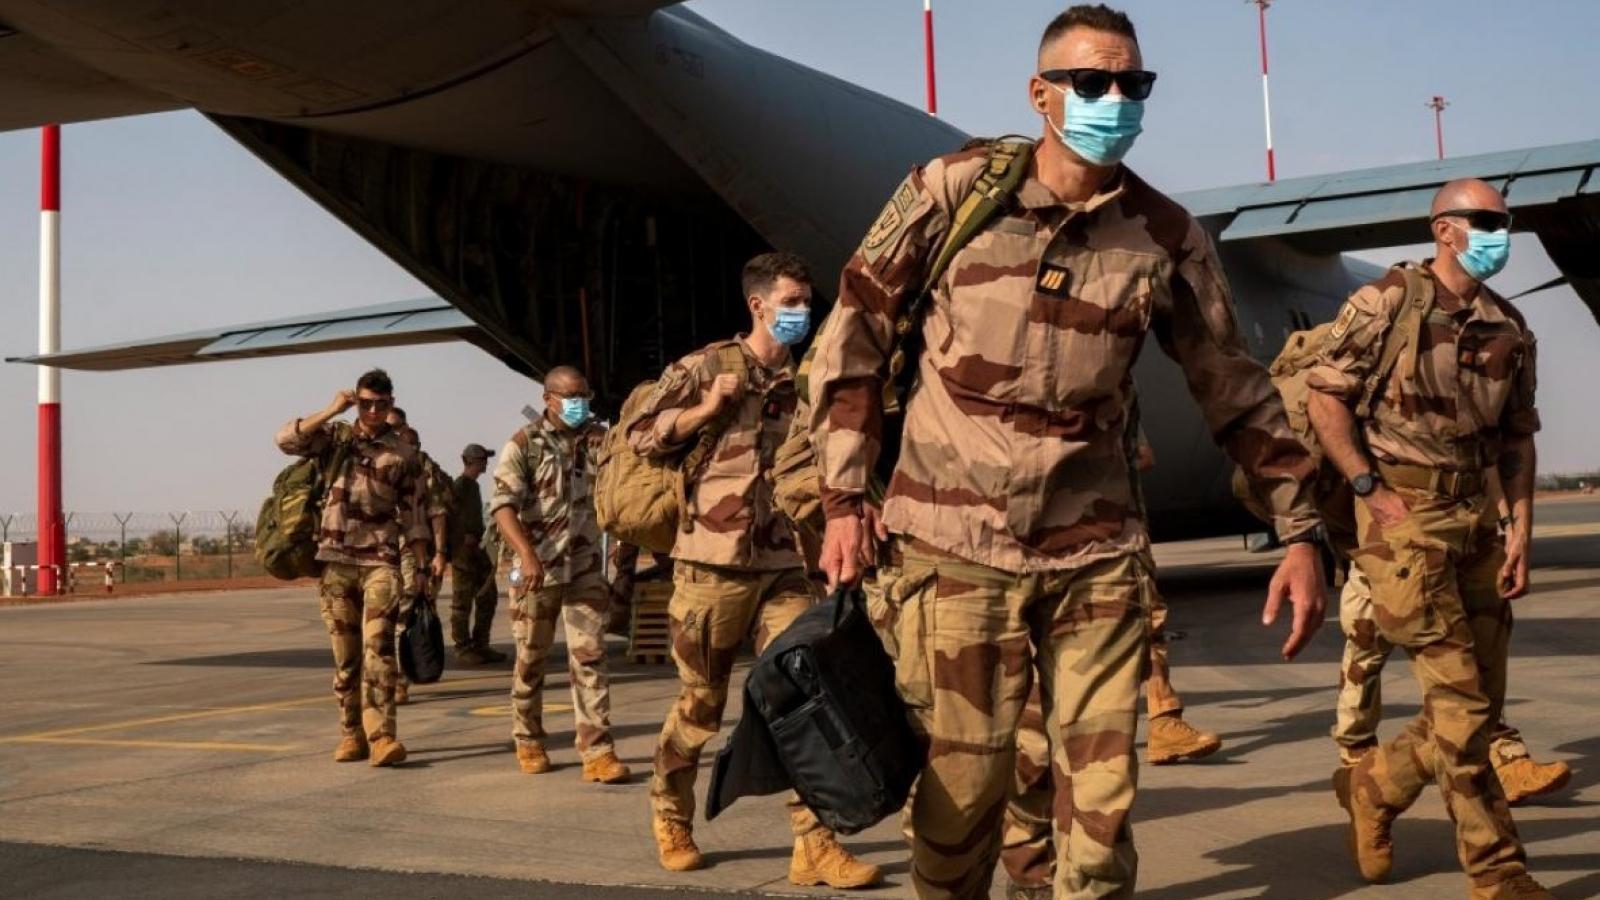 Quân đội Pháp tiêu diệt một thủ lĩnh cấp cao al-Qaeda